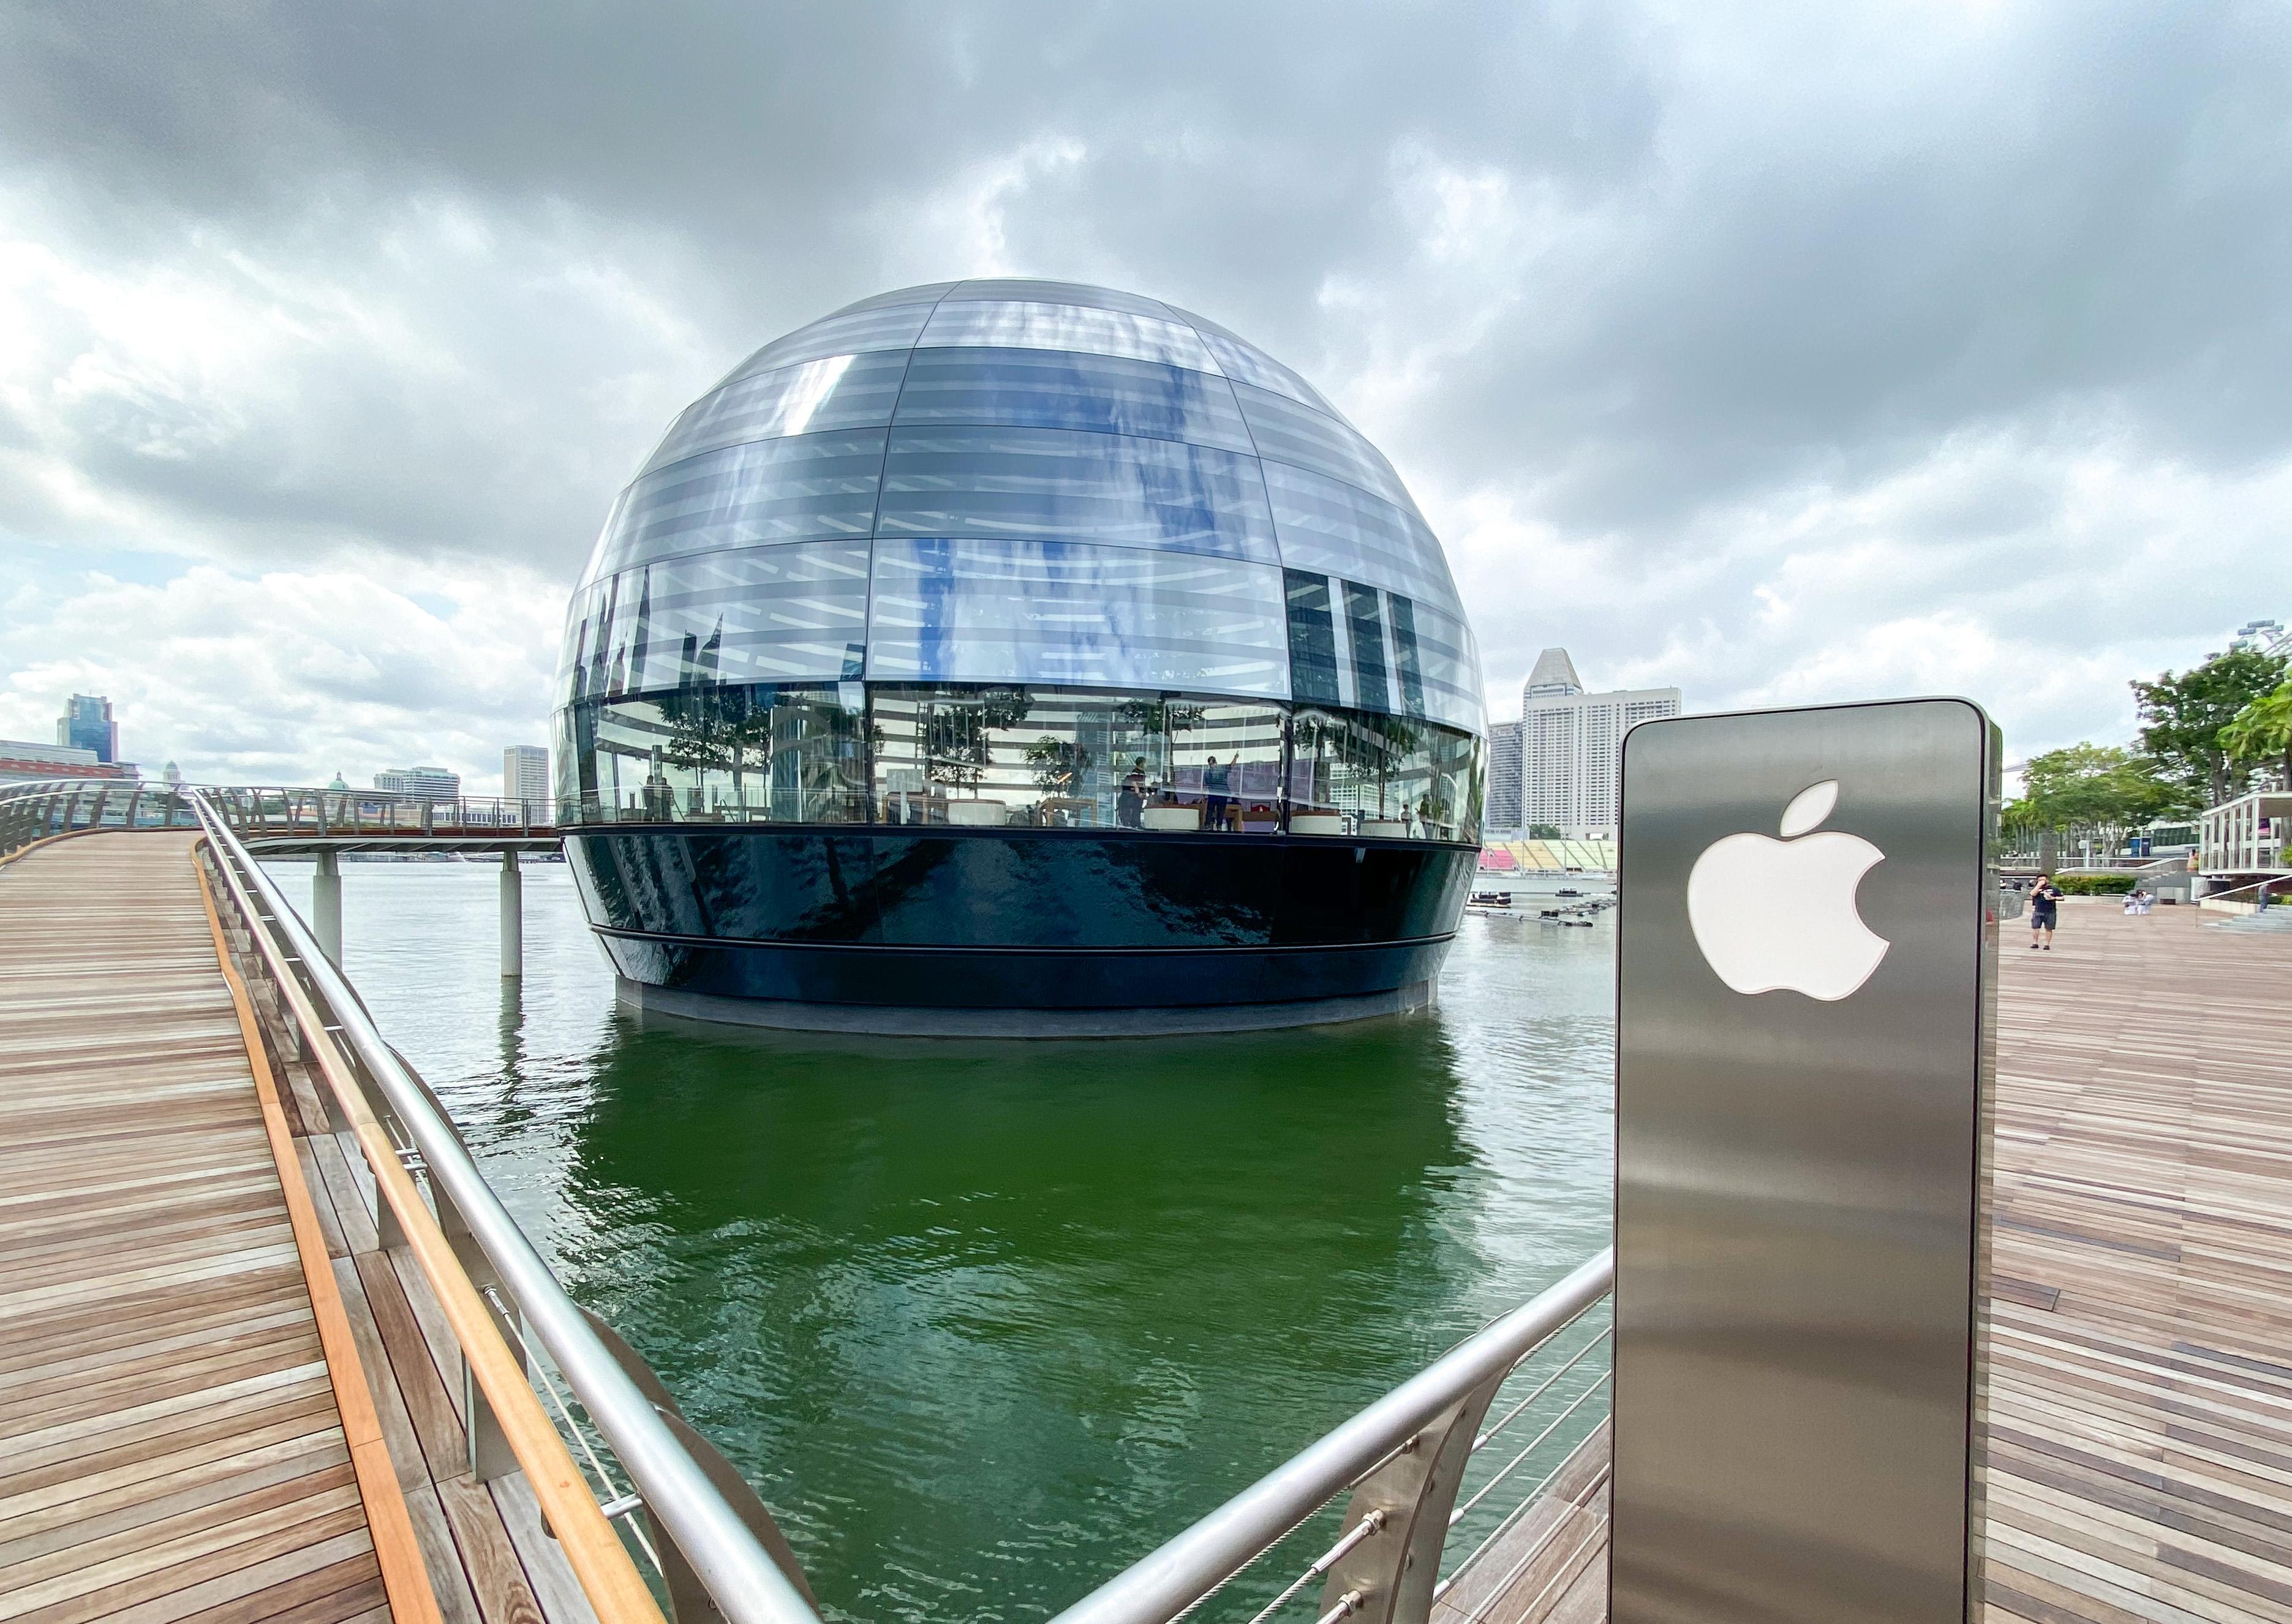 Apple mbs water